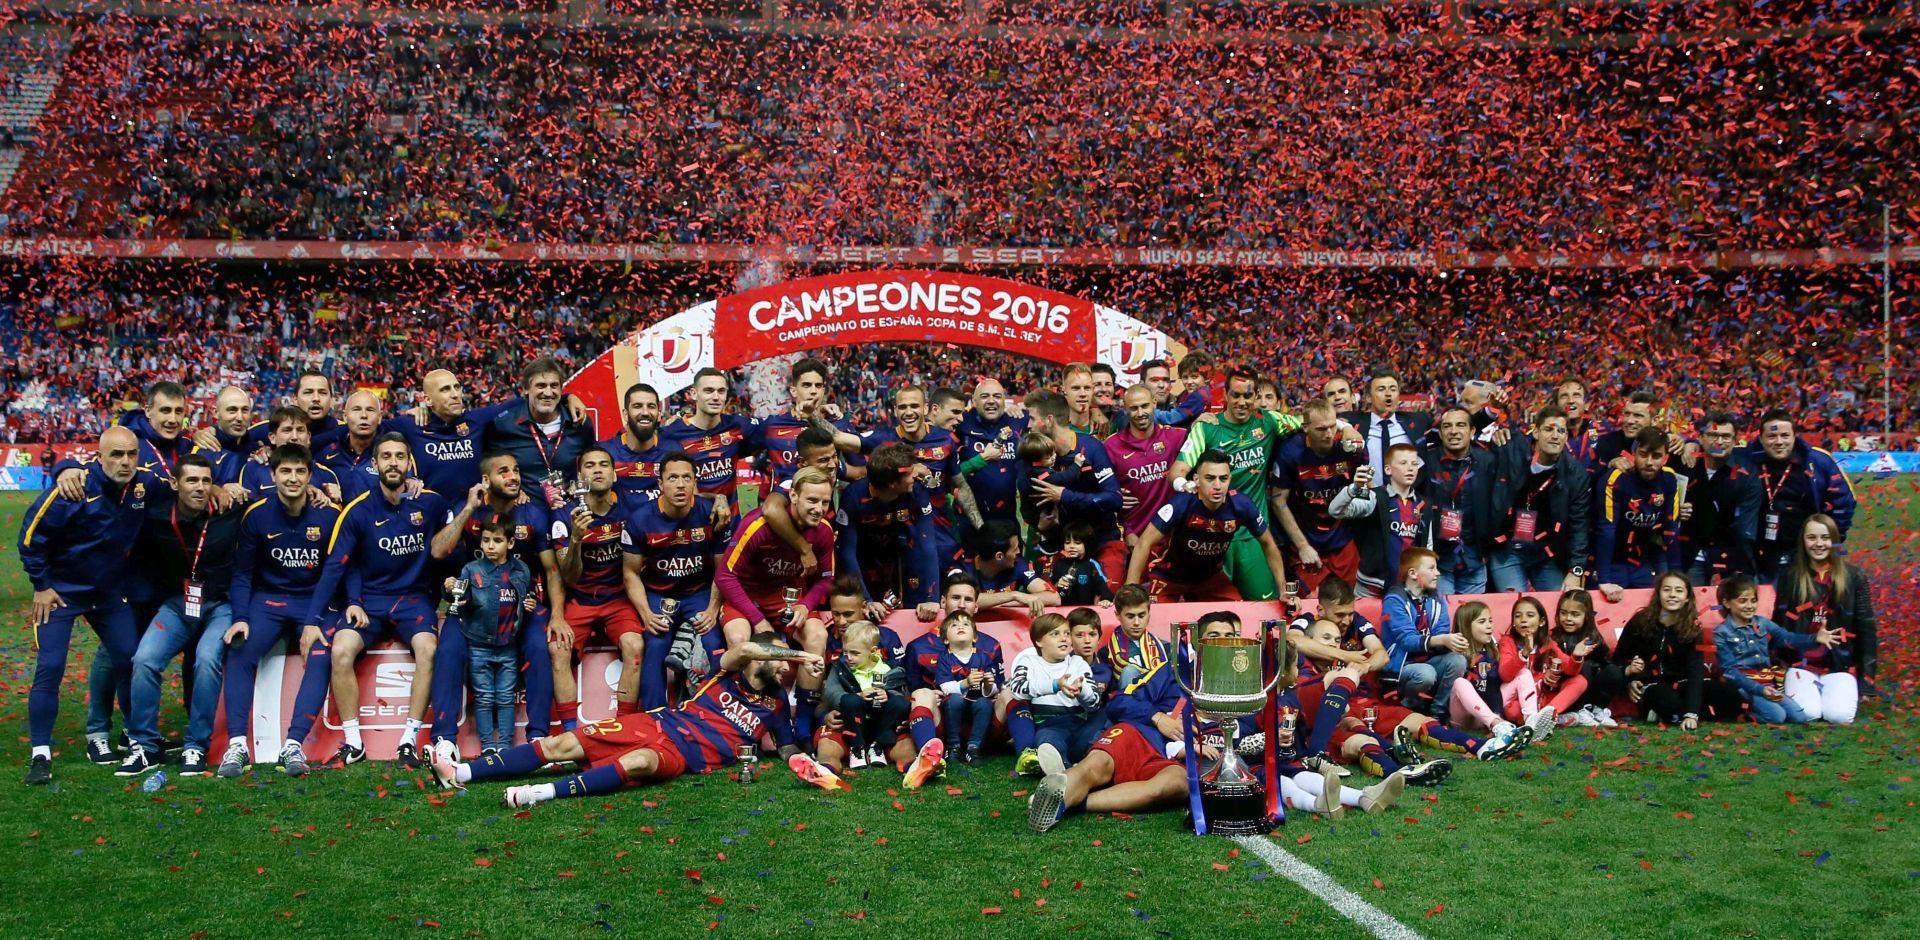 KUP KRALJA Barcelona obranila dvostruku krunu